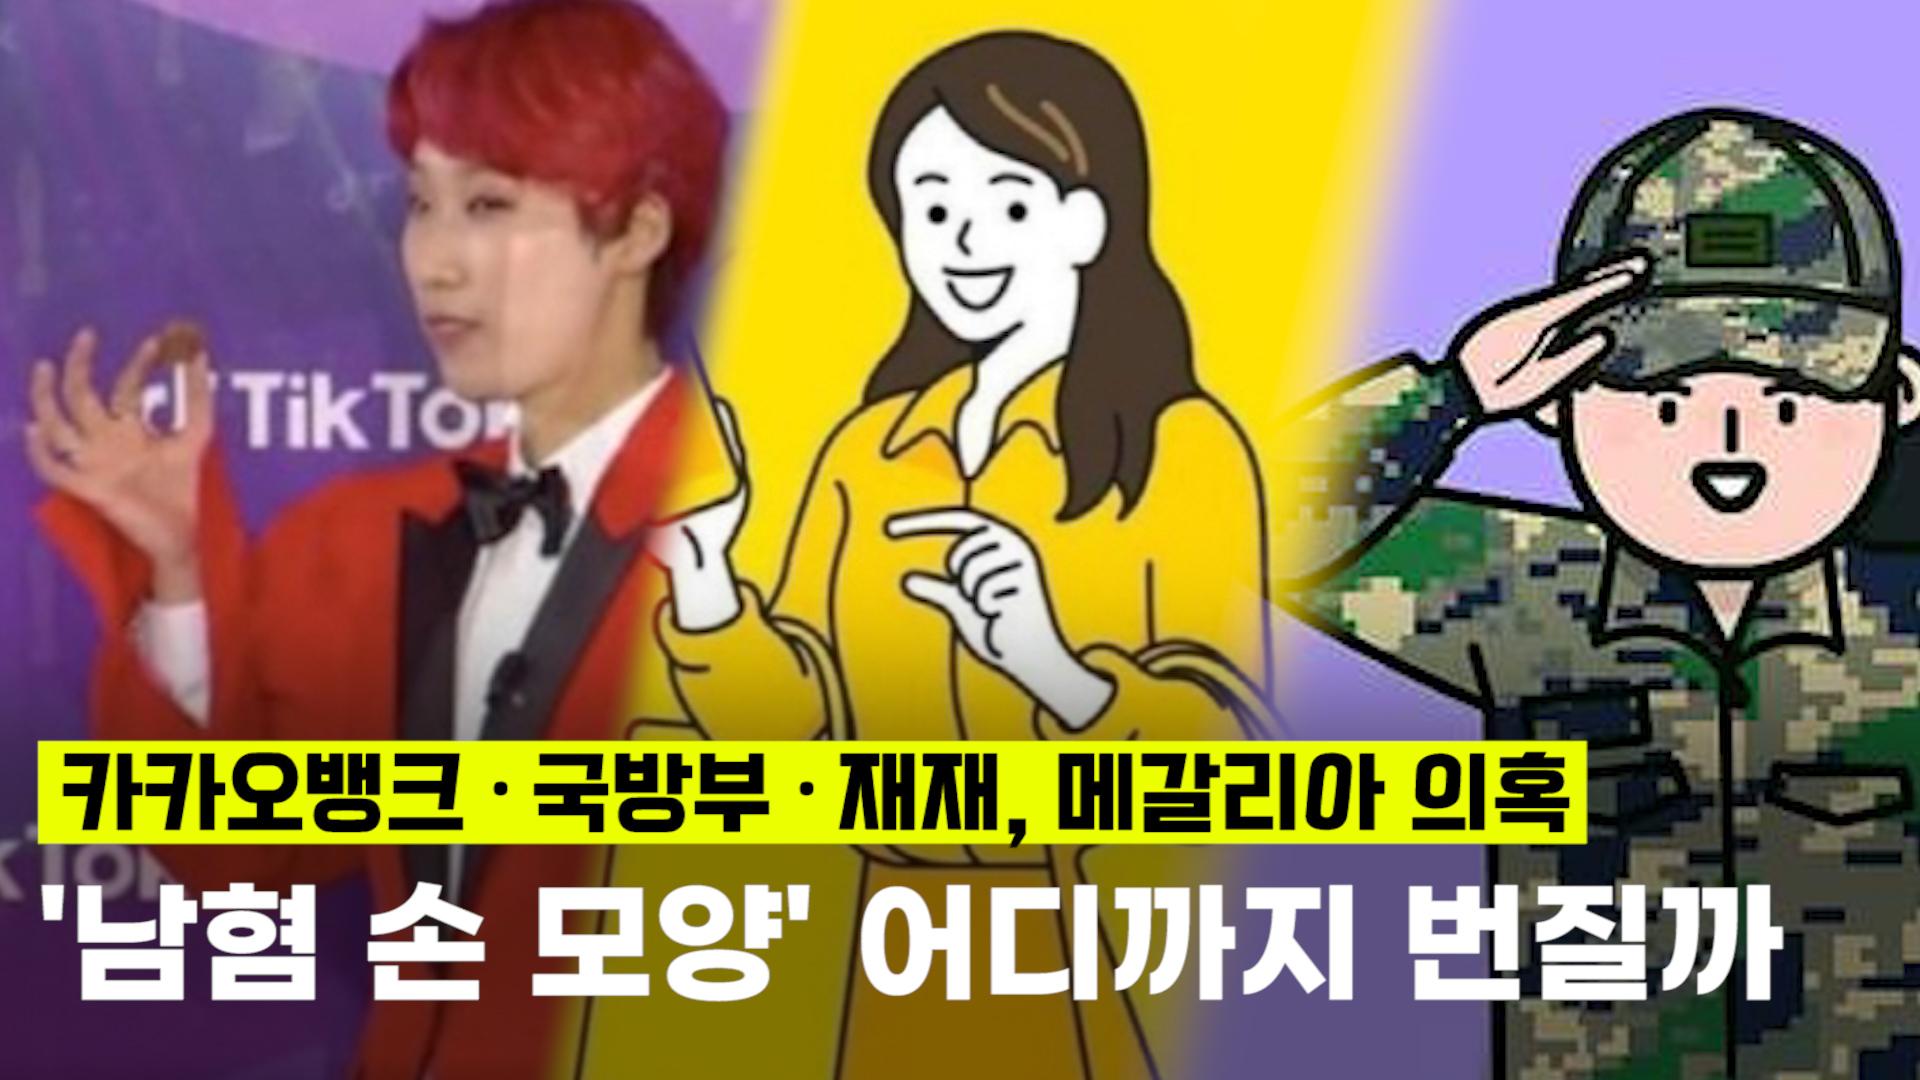 [영상]'남혐 손모양' 의혹, 어디까지 번지나...잇따른 메갈 논란에 젠더갈등 심화